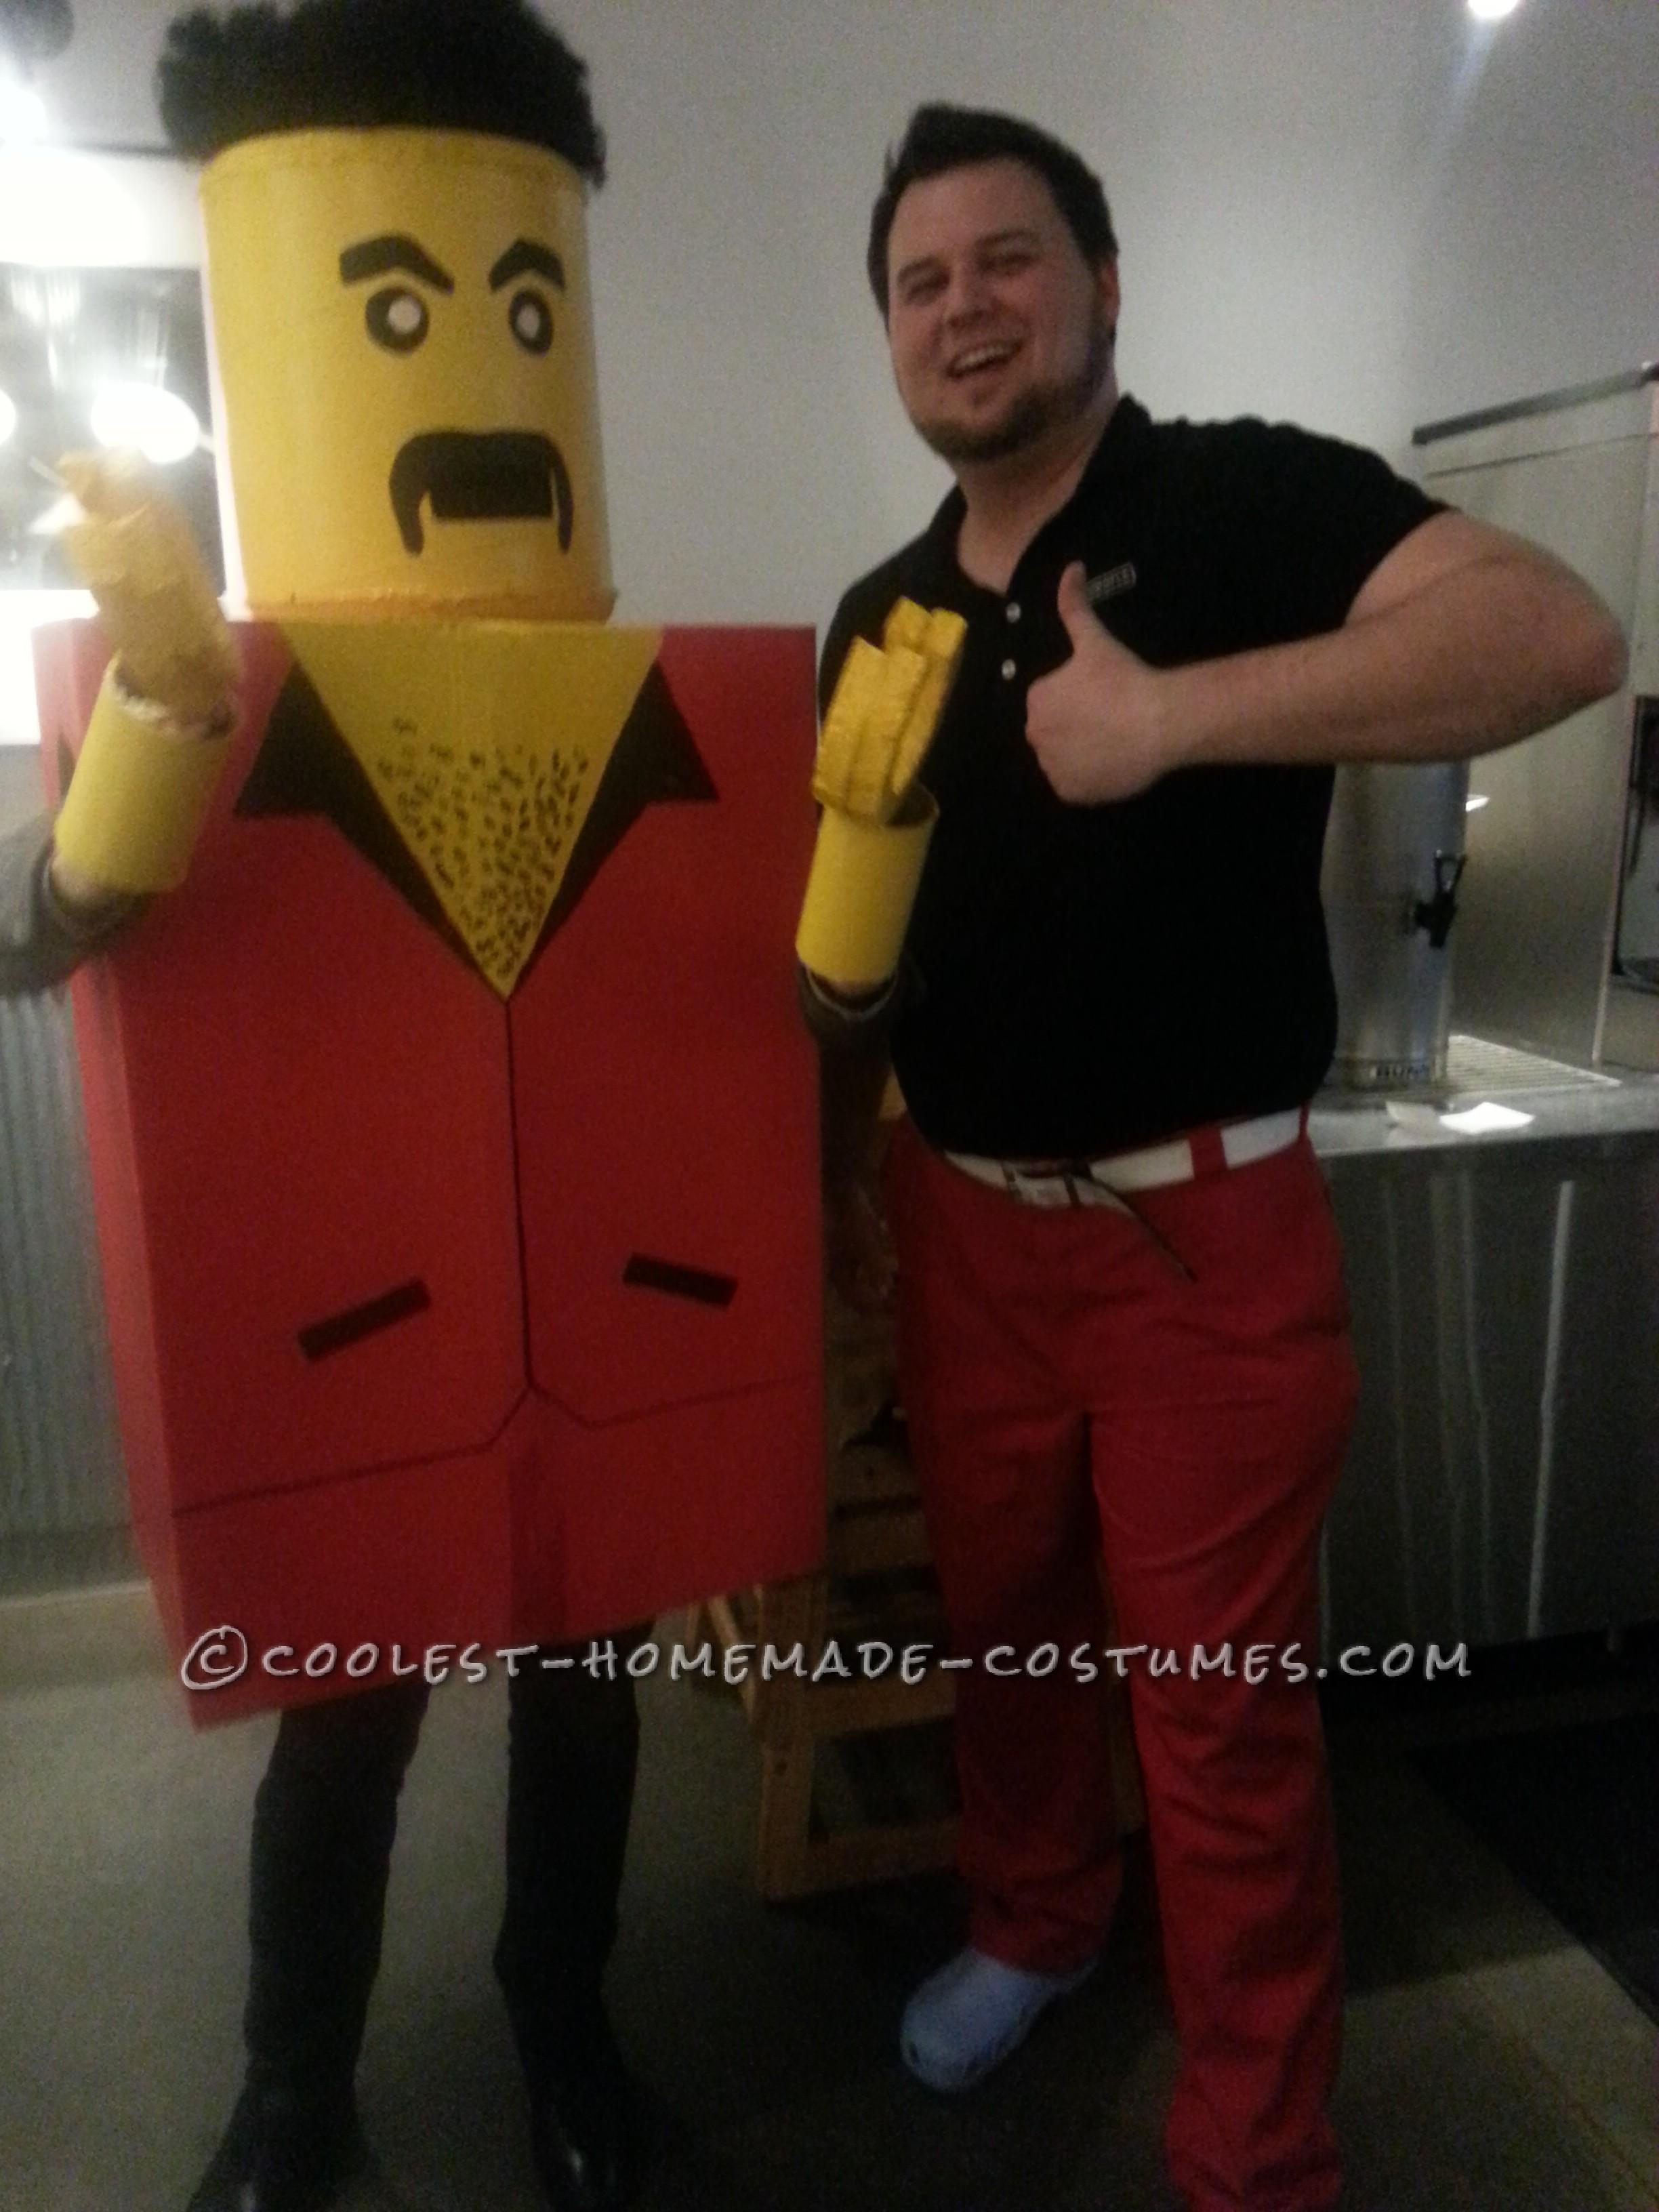 Homemade Lifesize Lego Costume